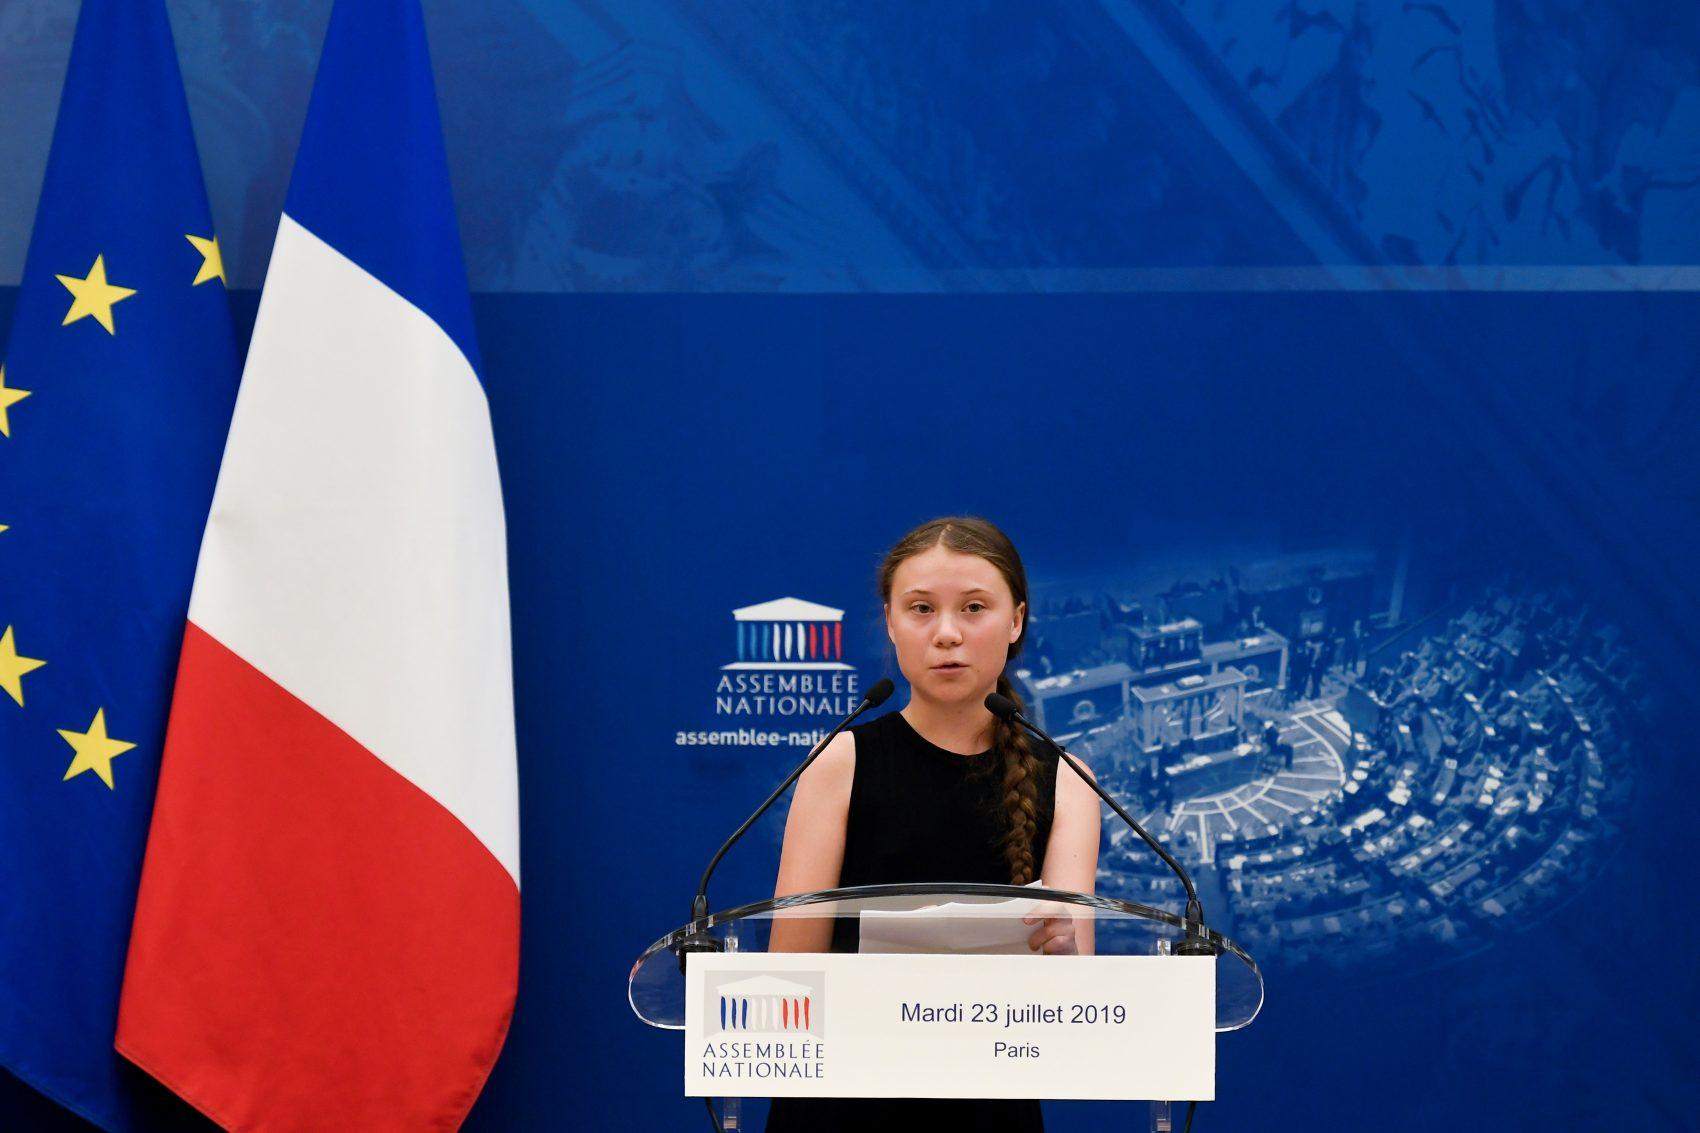 """Participação de Greta Thunberg na Assembleia Nacional da França: teve protesto da direita e recado aos adultos """"Vocês estão me dizendo: 'Obrigada, você me dá esperança para o futuro'. Parece que vocês não entenderam o que estamos dizendo. Em vez de nos parabenizarem, tentem fazer algo""""' (Foto: Lionel Bonaventure/AFP)"""